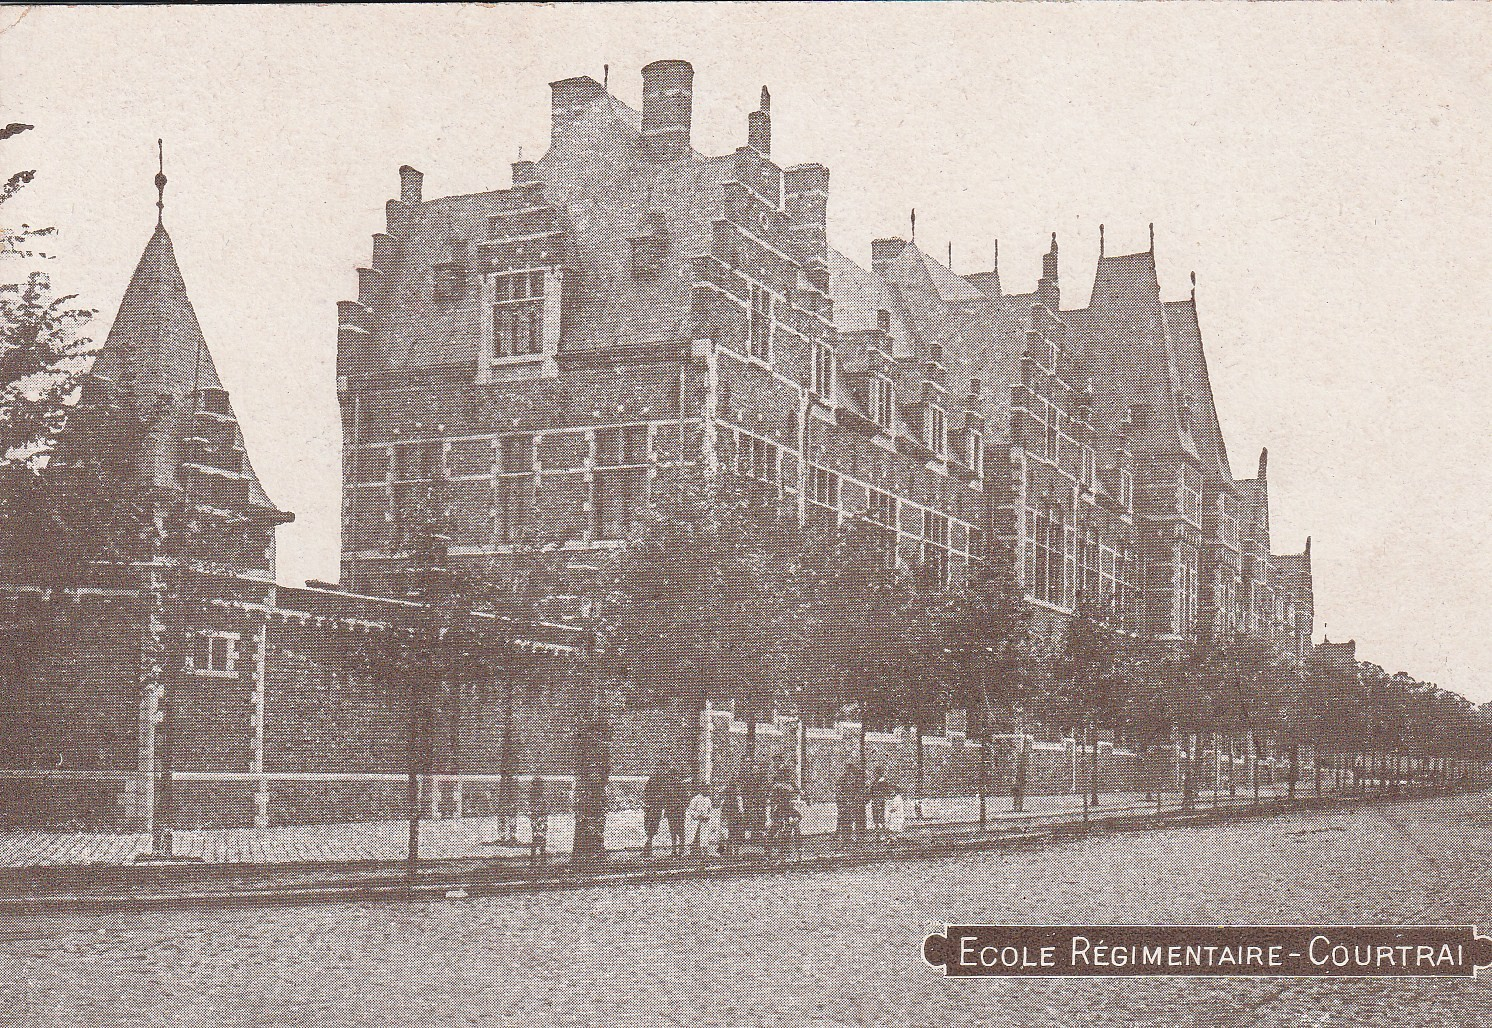 COURTRAI. Ecole Régimentaire en Belgique